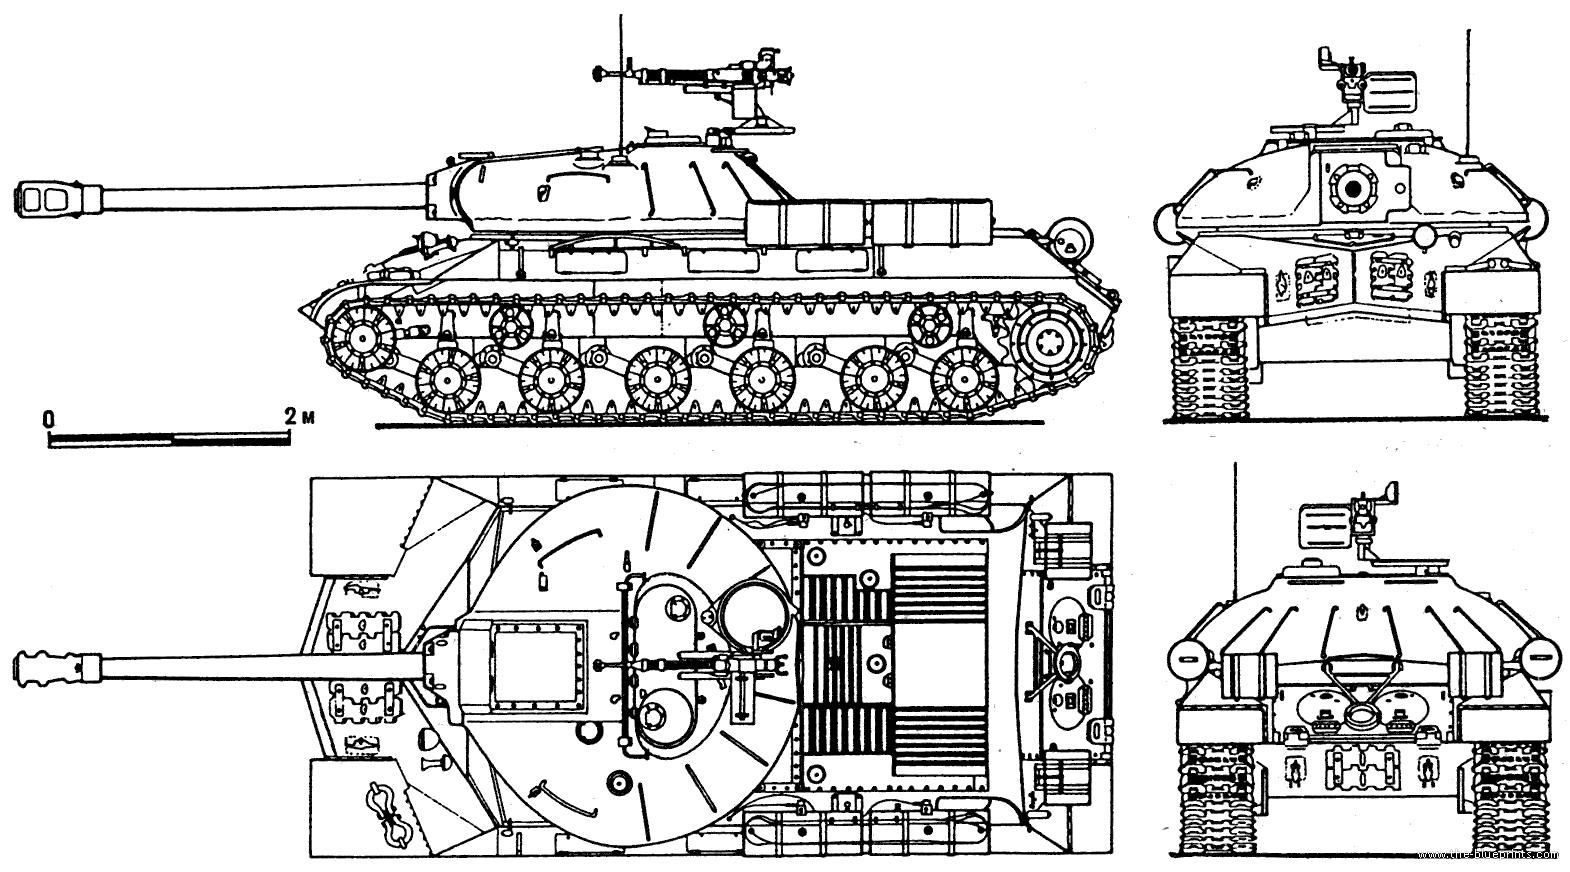 Танк прошел испытания в конце 1944 года и поступил в производство, причем производство ИС-2 не снижалось.